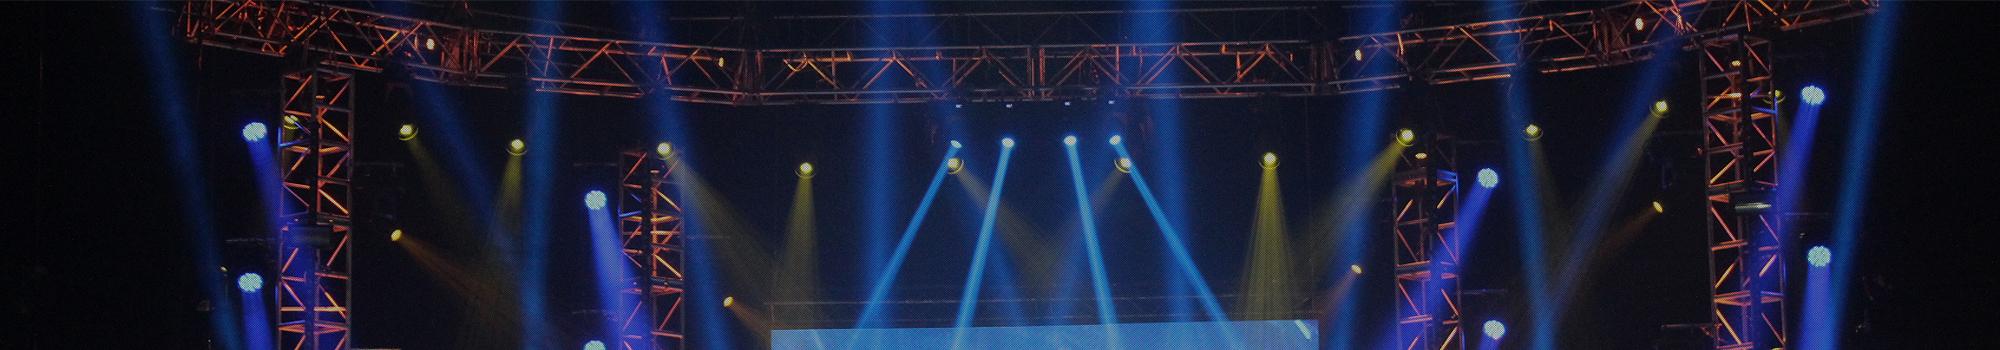 lighting-banner